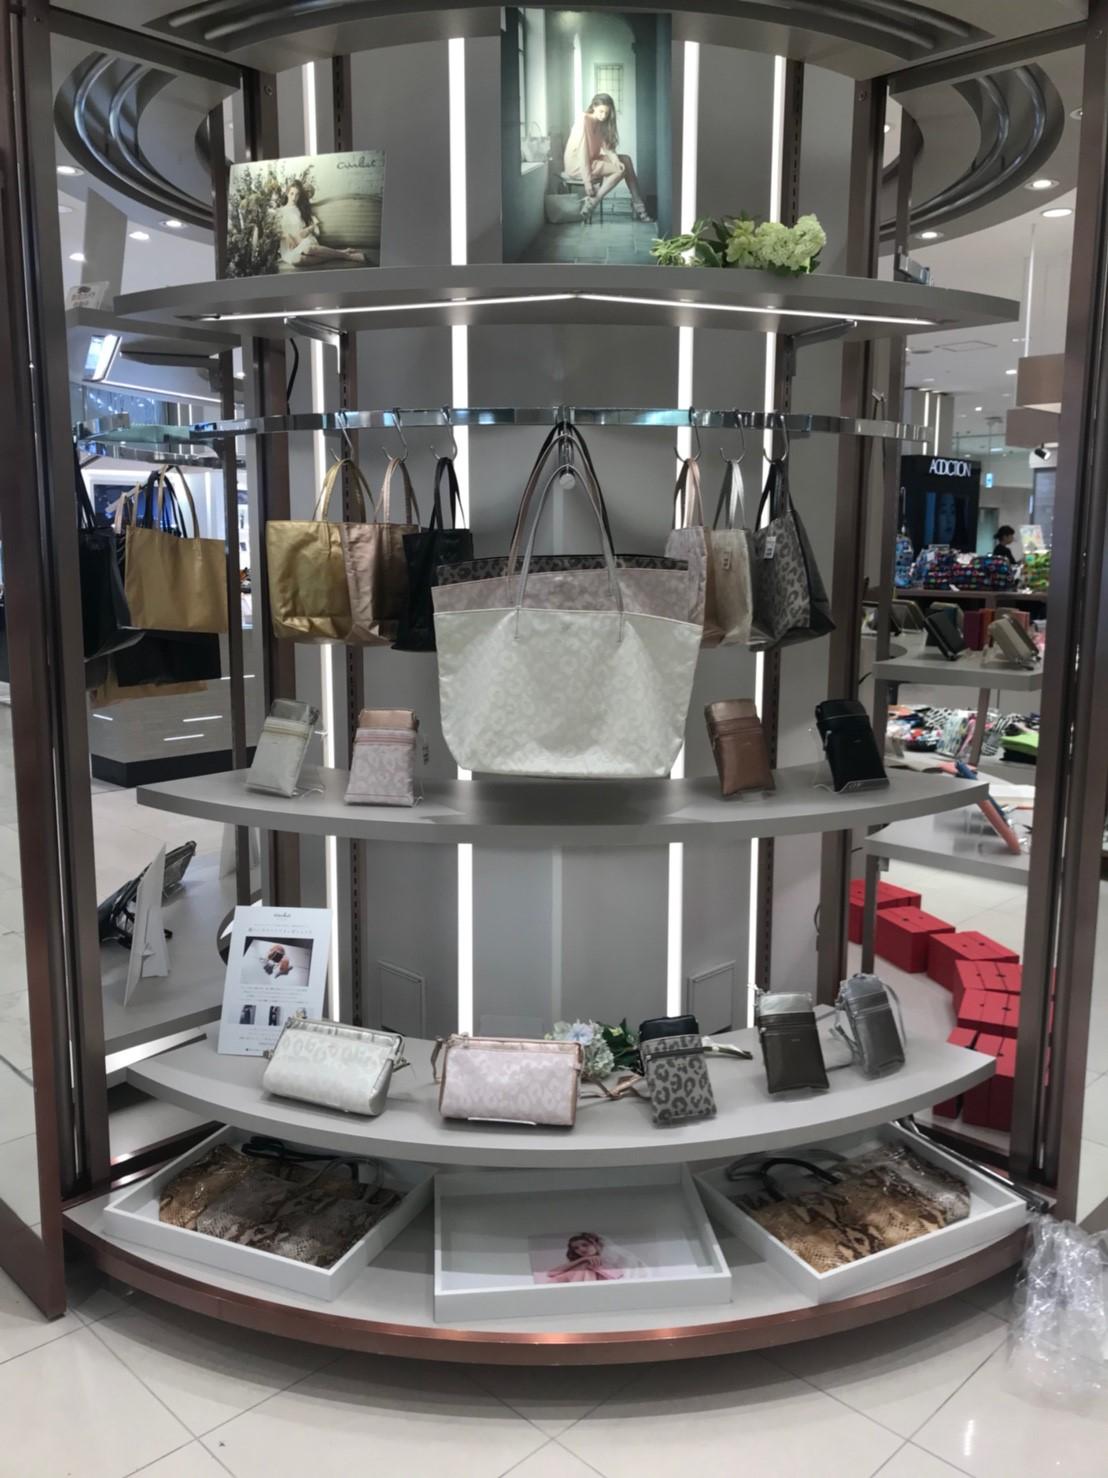 玉川高島屋 エアリスト エアリストフェア バッグ トートバッグ 軽いバッグ 薄いバッグ